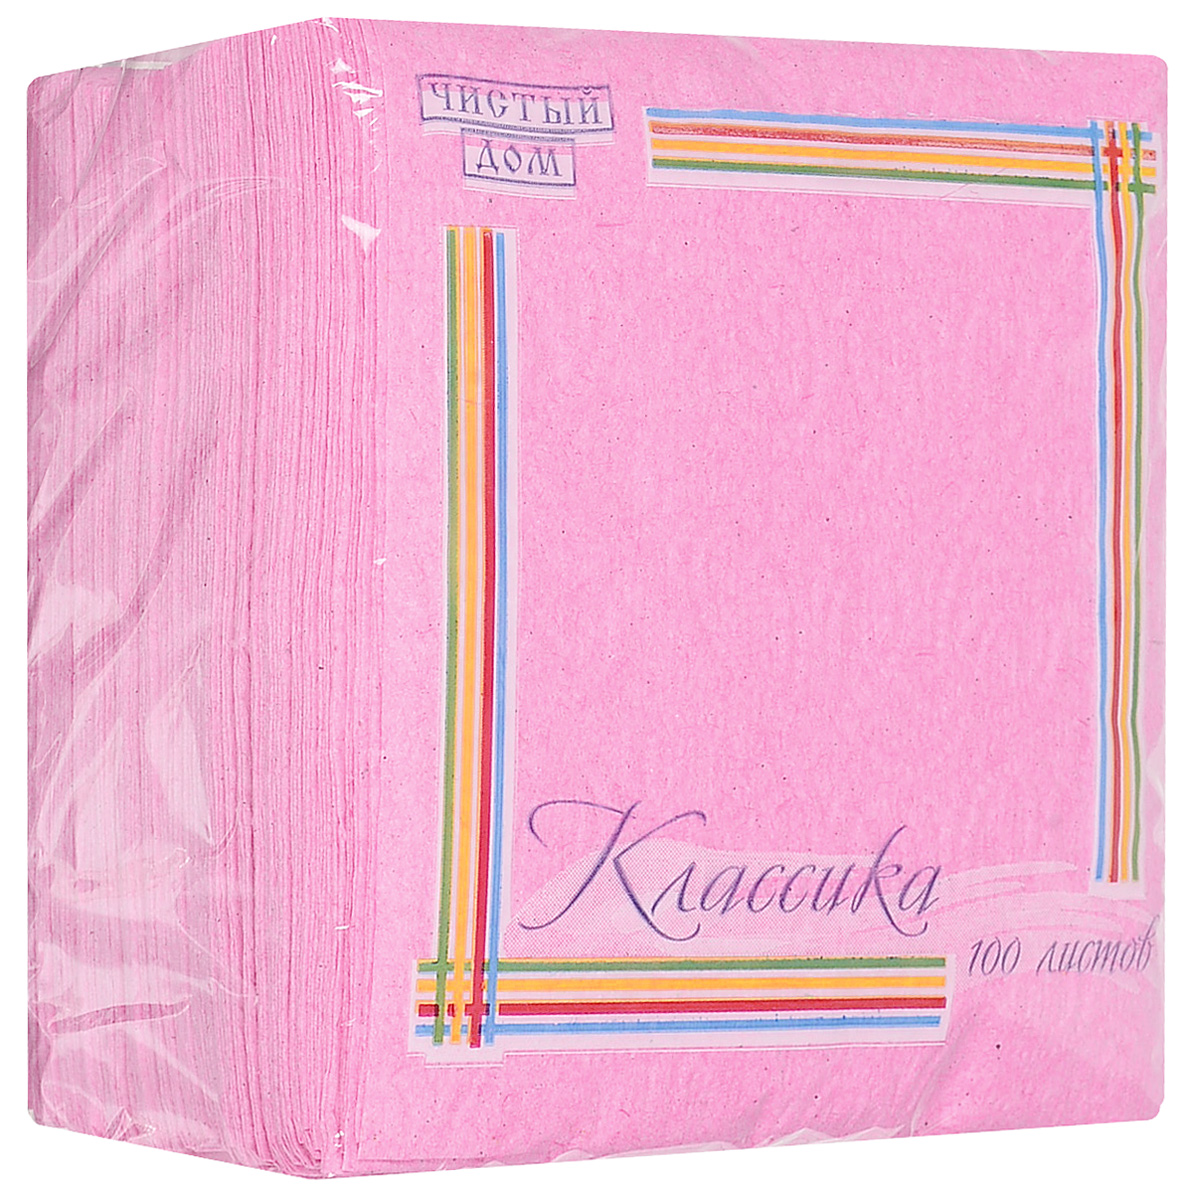 Салфетки Чистый дом Классика, однослойные, цвет: розовый, 24 х 24 см. 100 шт салфетки бумажные familia однослойные цвет белый 24 см х 24 см 100 шт